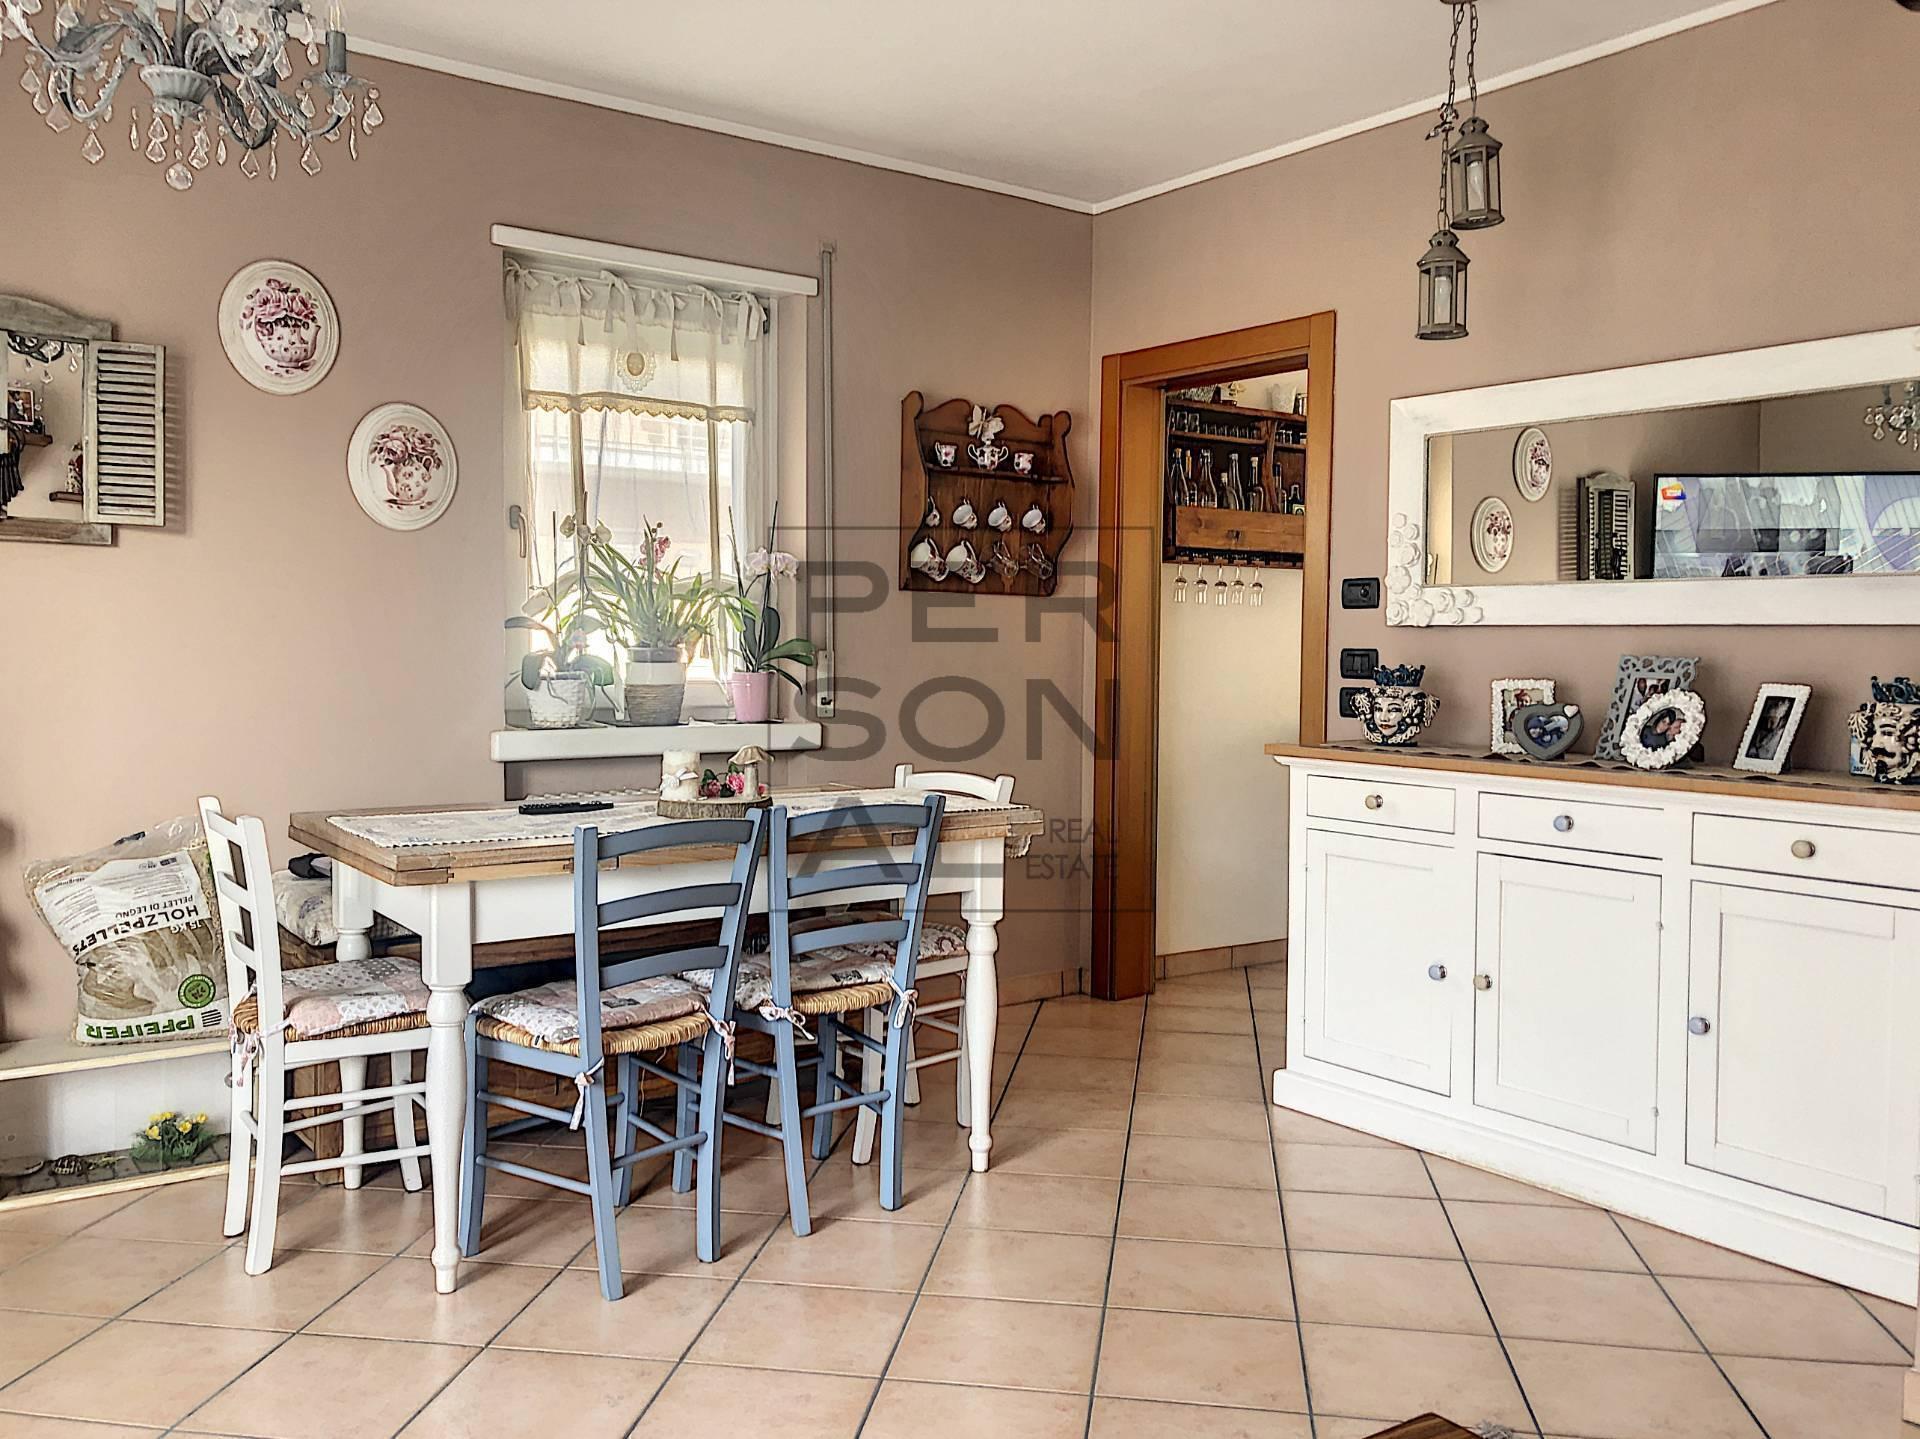 Appartamento in vendita a Besenello, 7 locali, prezzo € 250.000 | CambioCasa.it